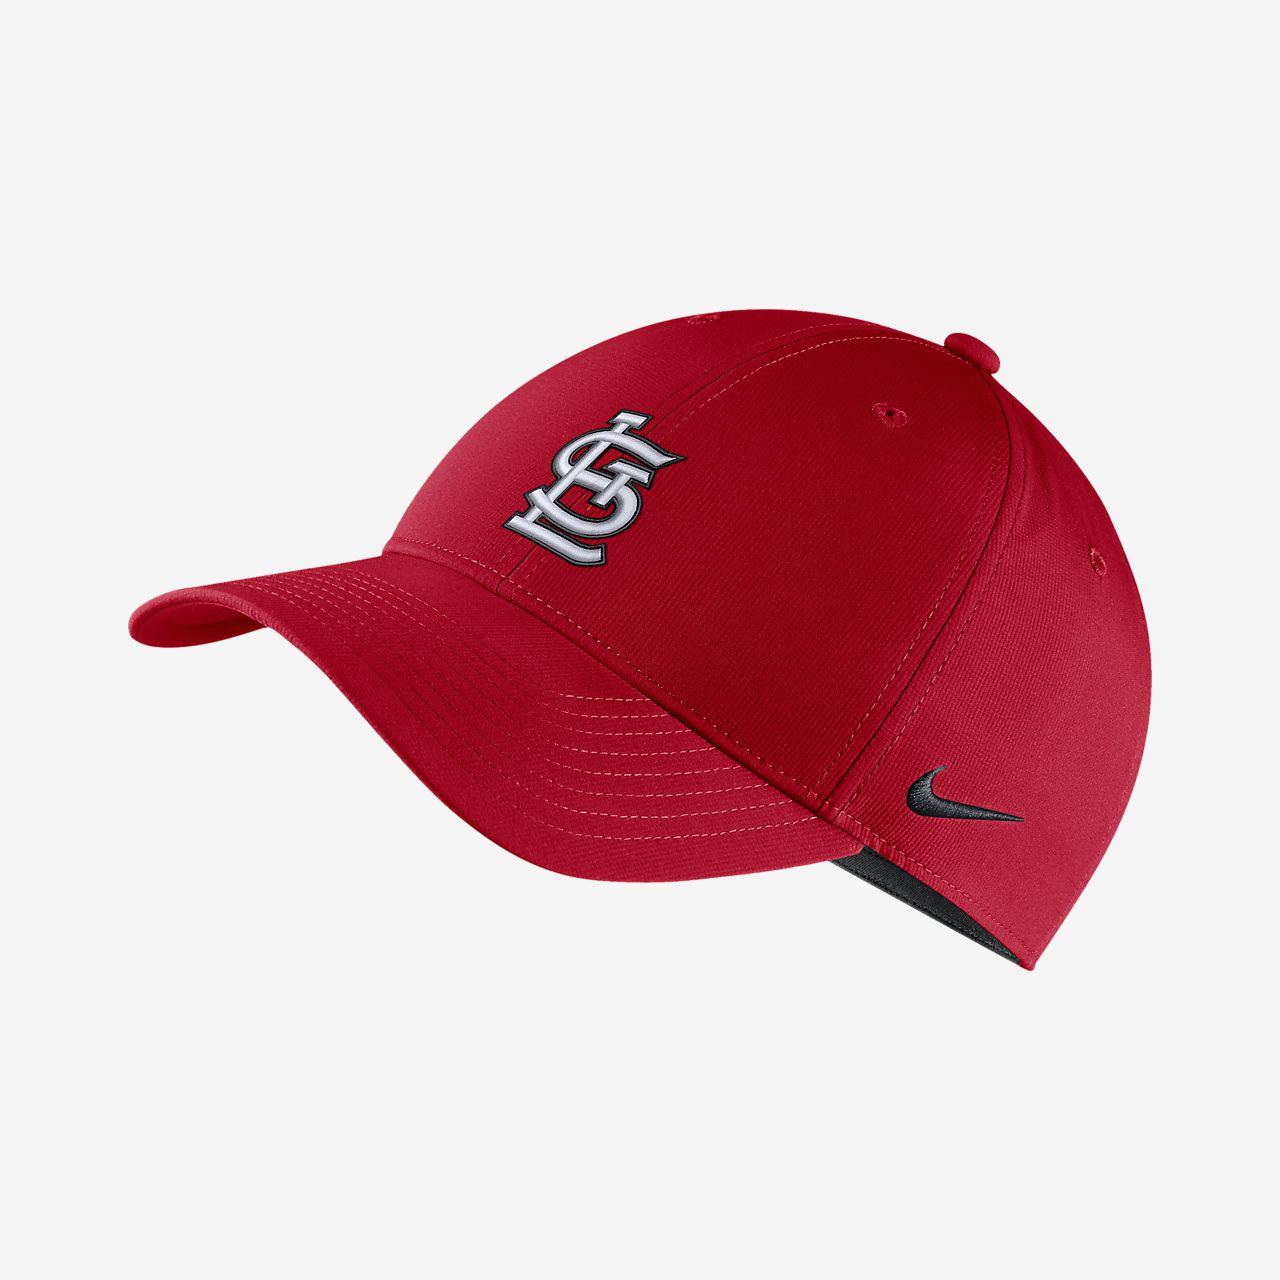 6a574b96da8 Nike Dri-FIT Legacy91 (MLB Cardinals) Hat. Nike.com